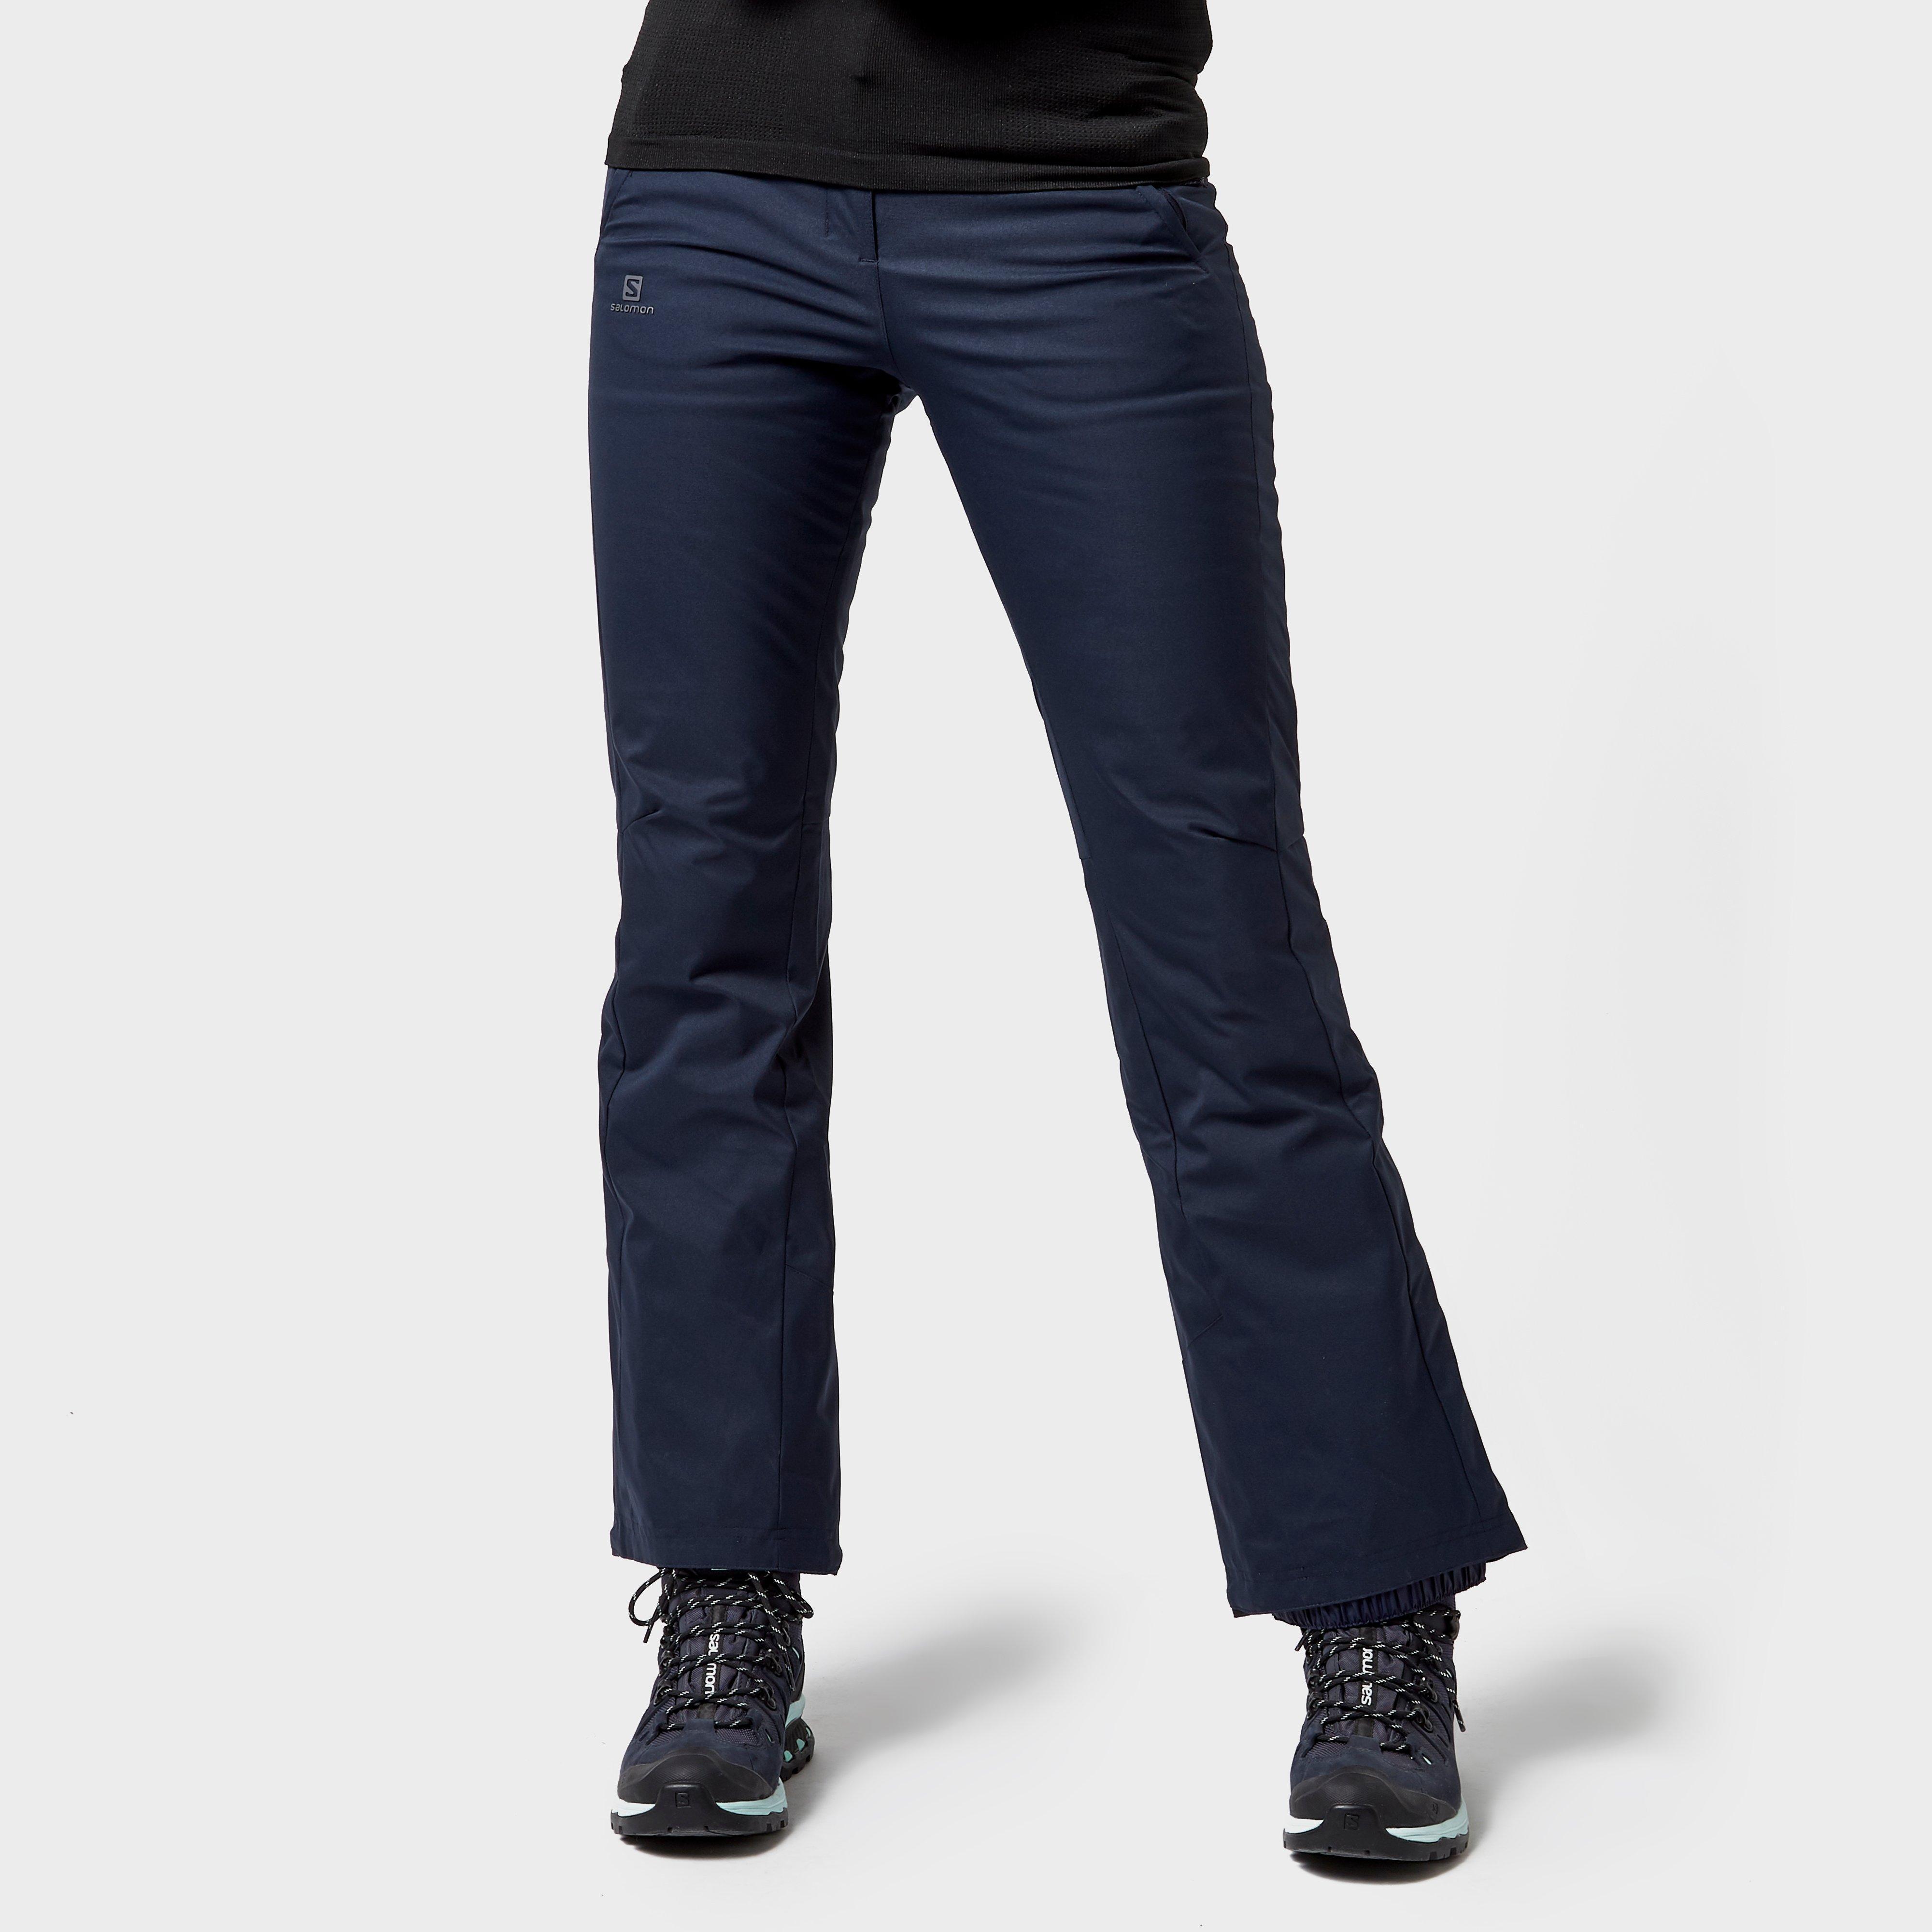 Peter Storm Mens Long Sleeve Zip Tech T-shirt  Grey